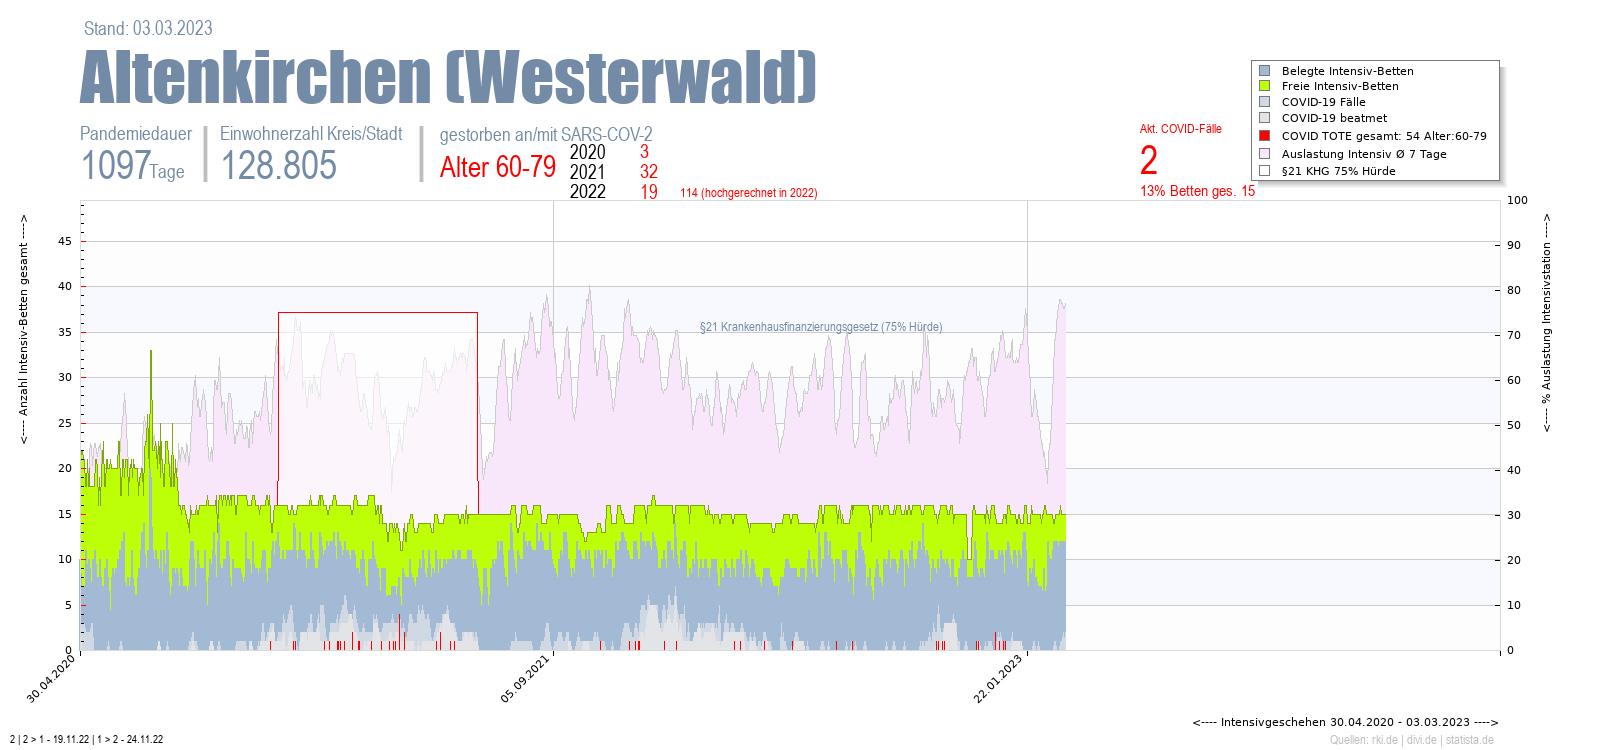 Intensivstation Auslastung Altenkirchen (Westerwald) Alter 0-4